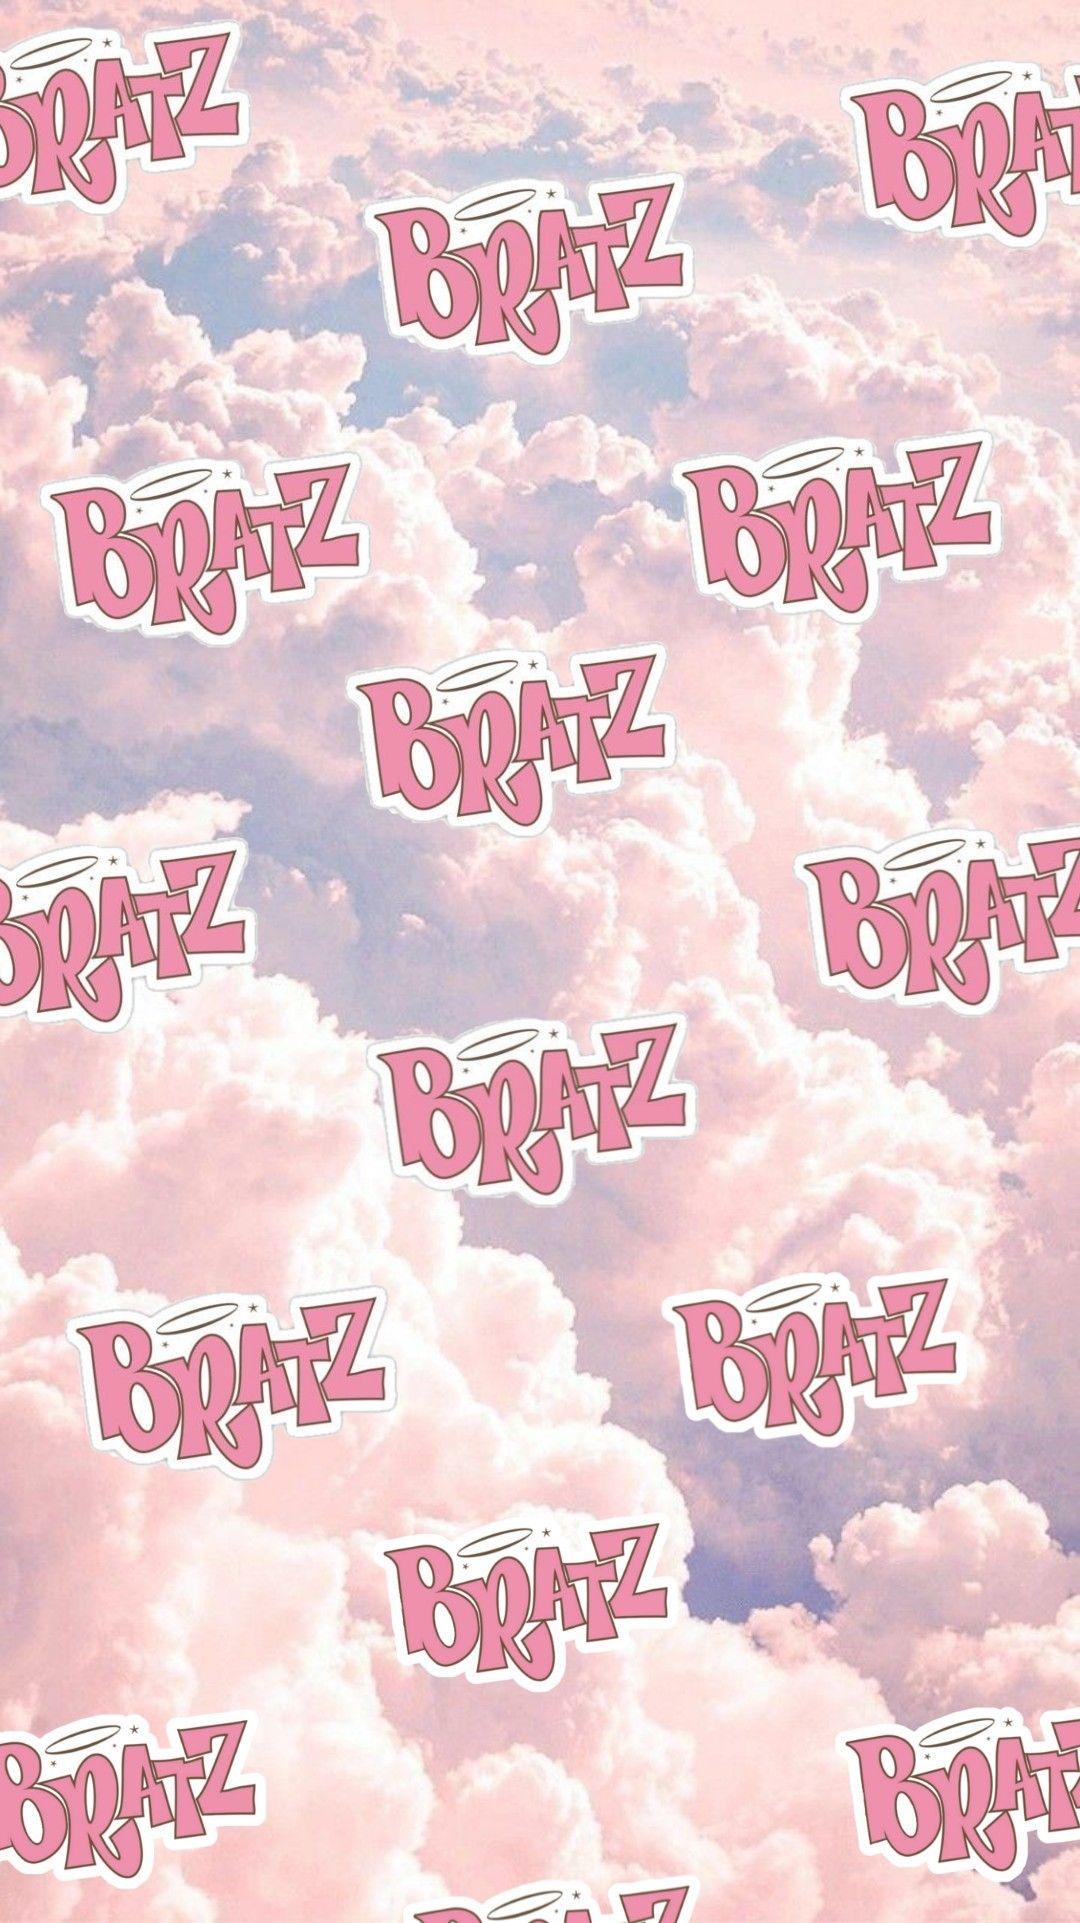 Bratz Wallpaper Aesthetic Iphone Wallpaper Iphone Wallpaper Girly Phone Wallpaper Pink